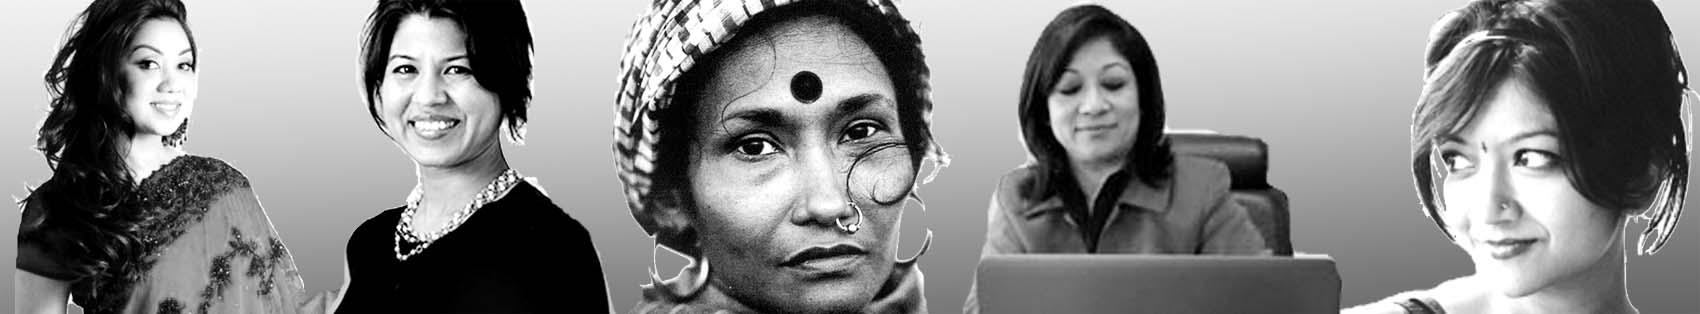 Leading Bangladeshi Women on Internet